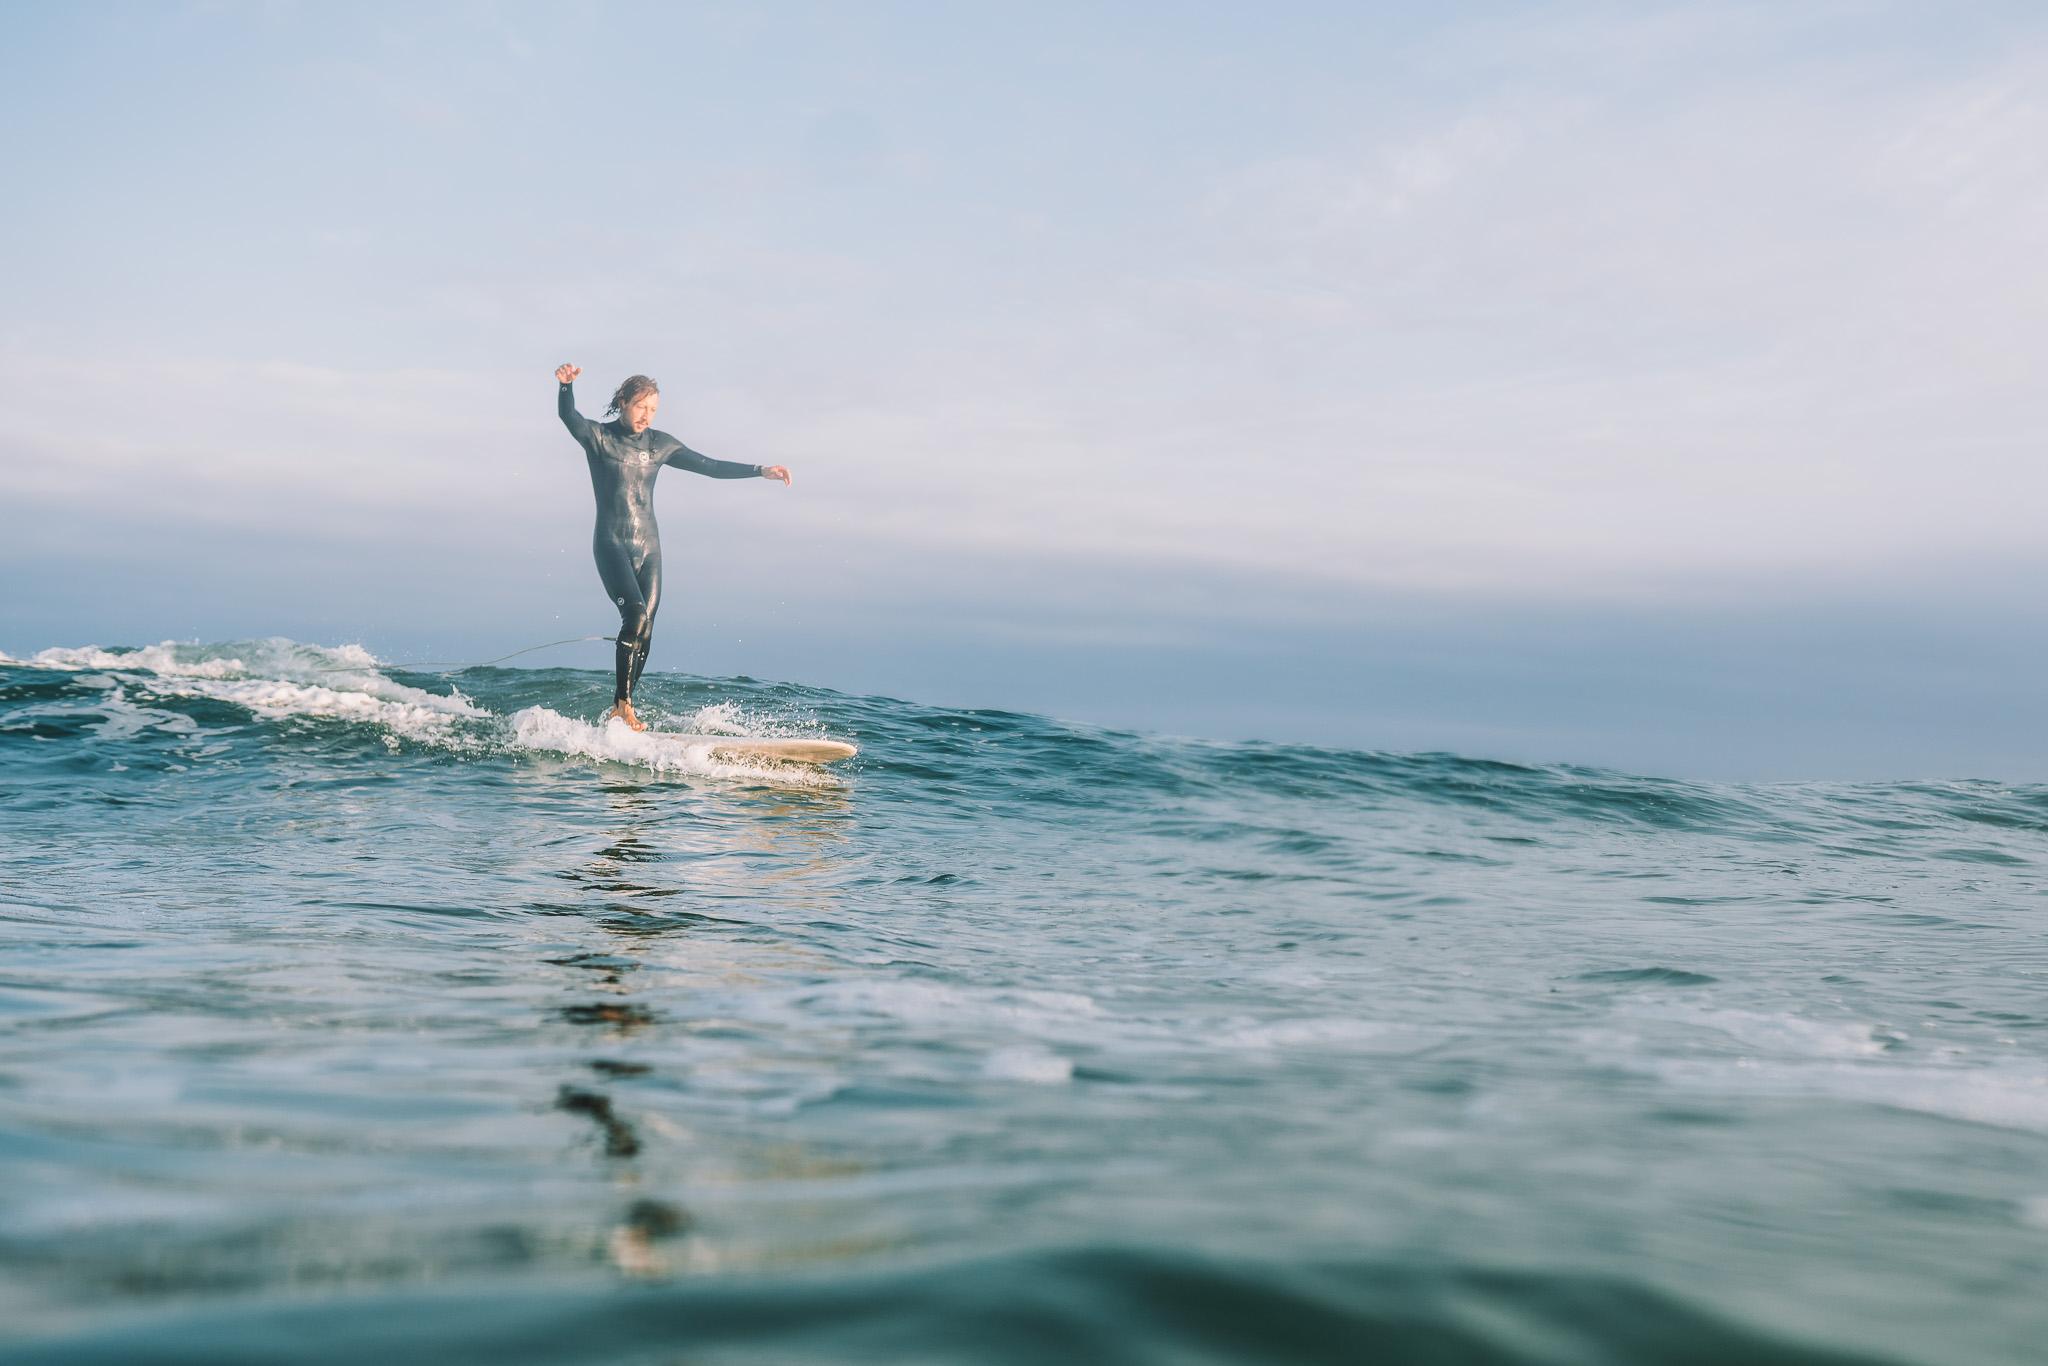 Surf Longboarding Balance Longboard Dance on Water